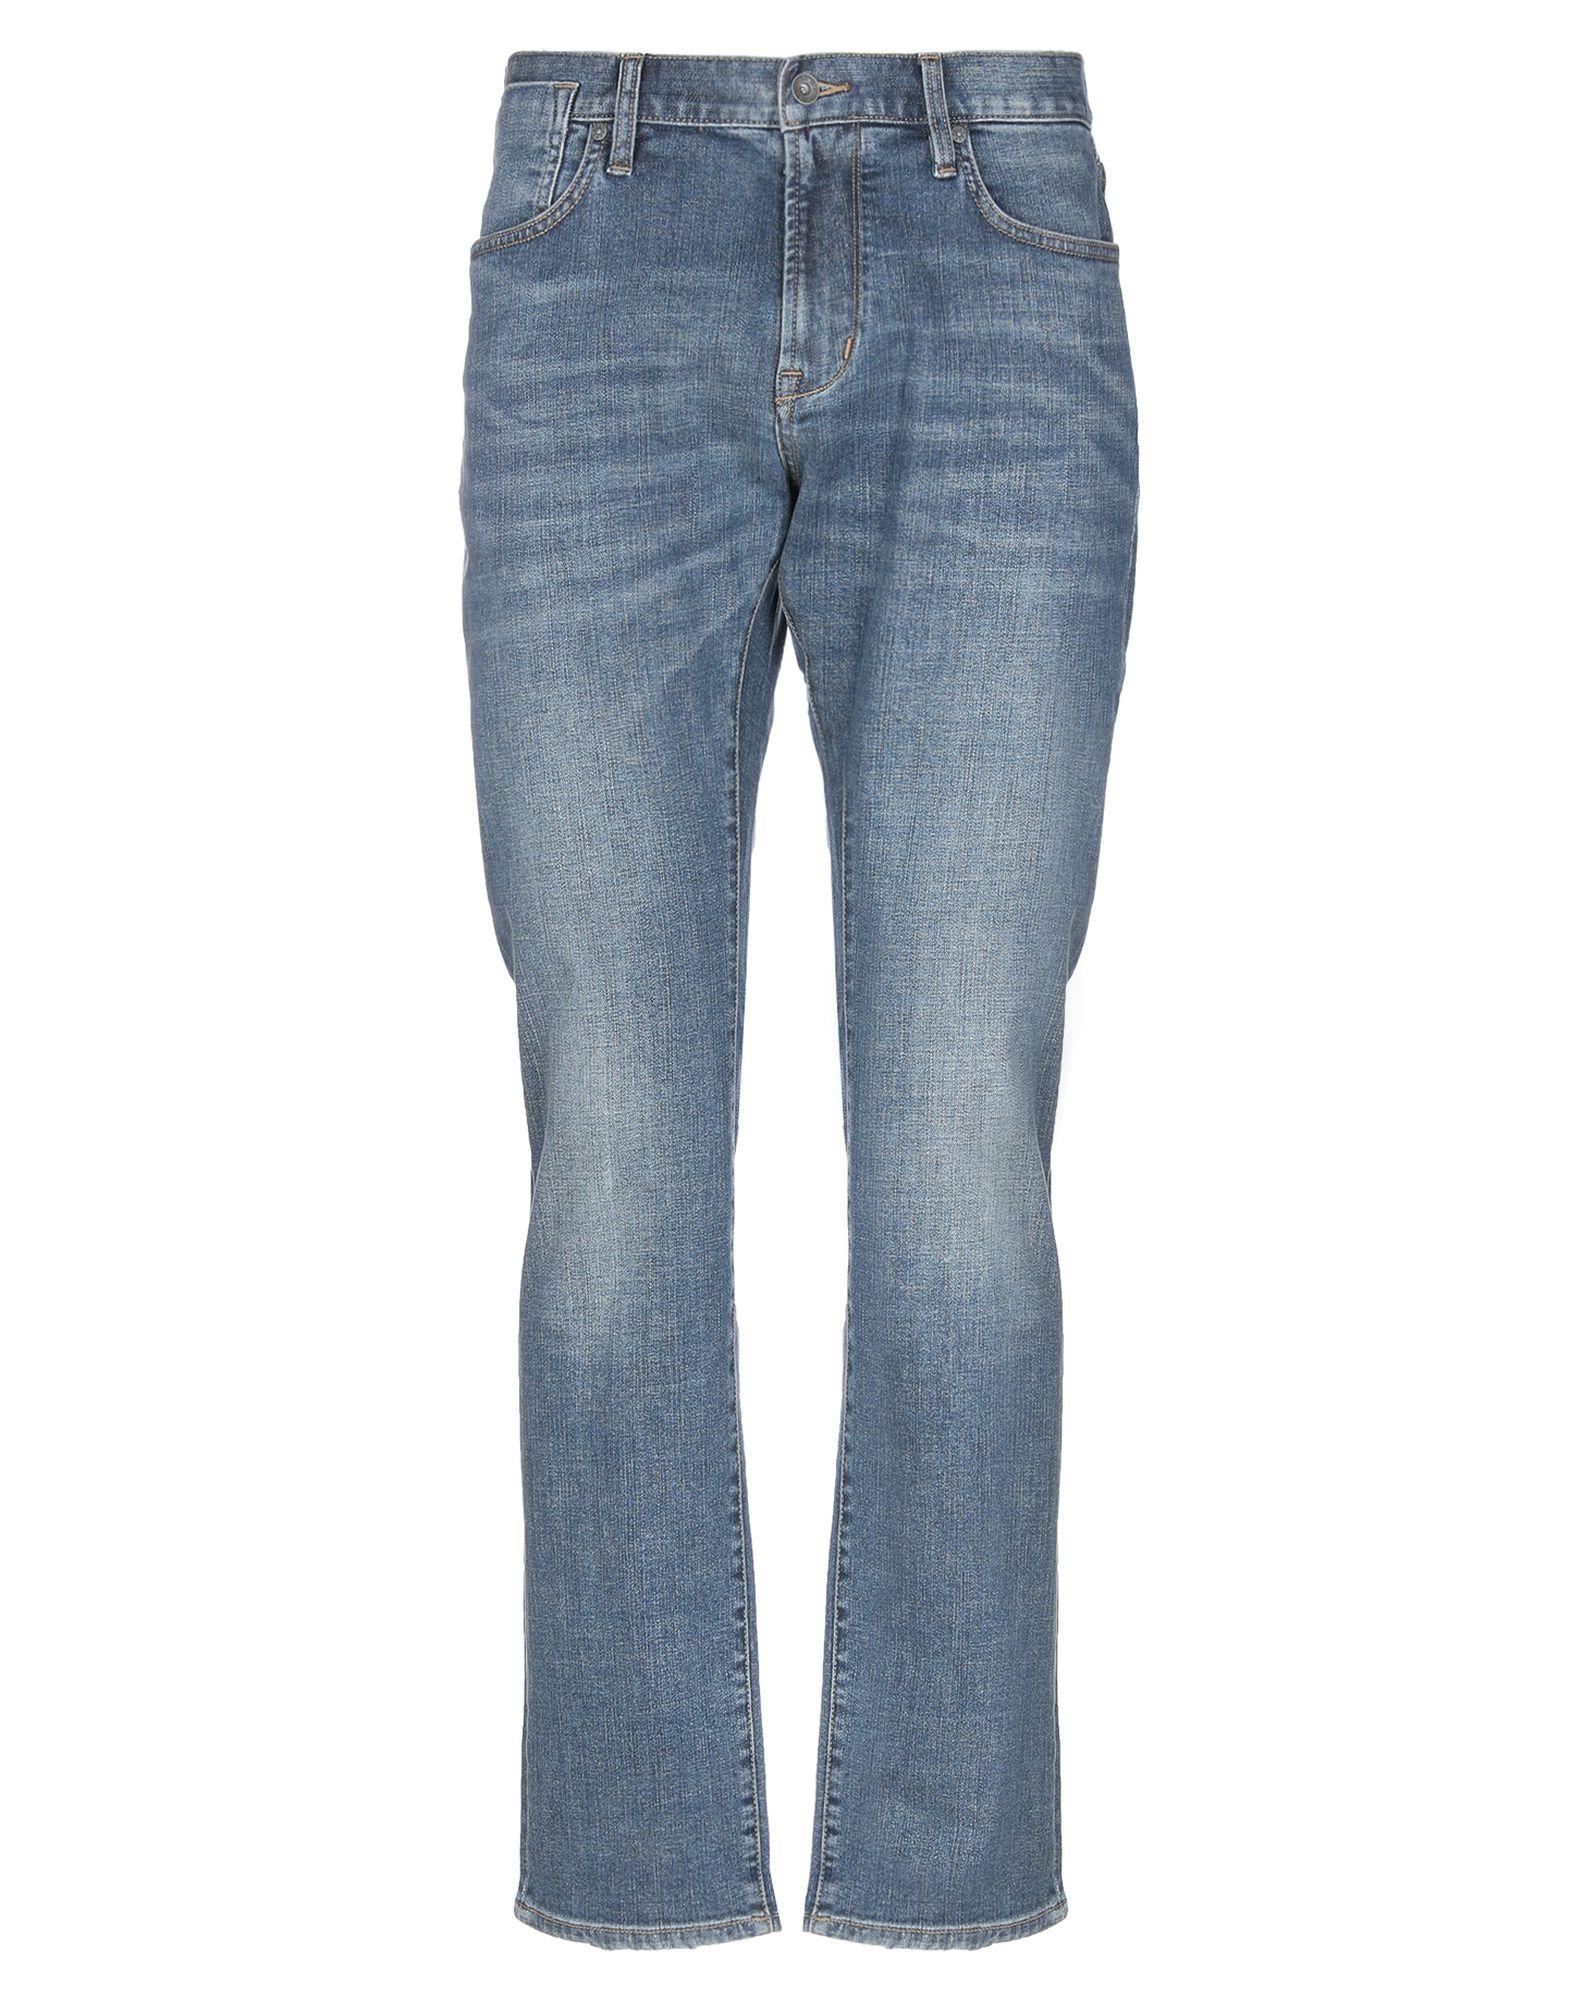 Pantaloni Jeans Bowery uomo uomo uomo - 42732003CG 19e